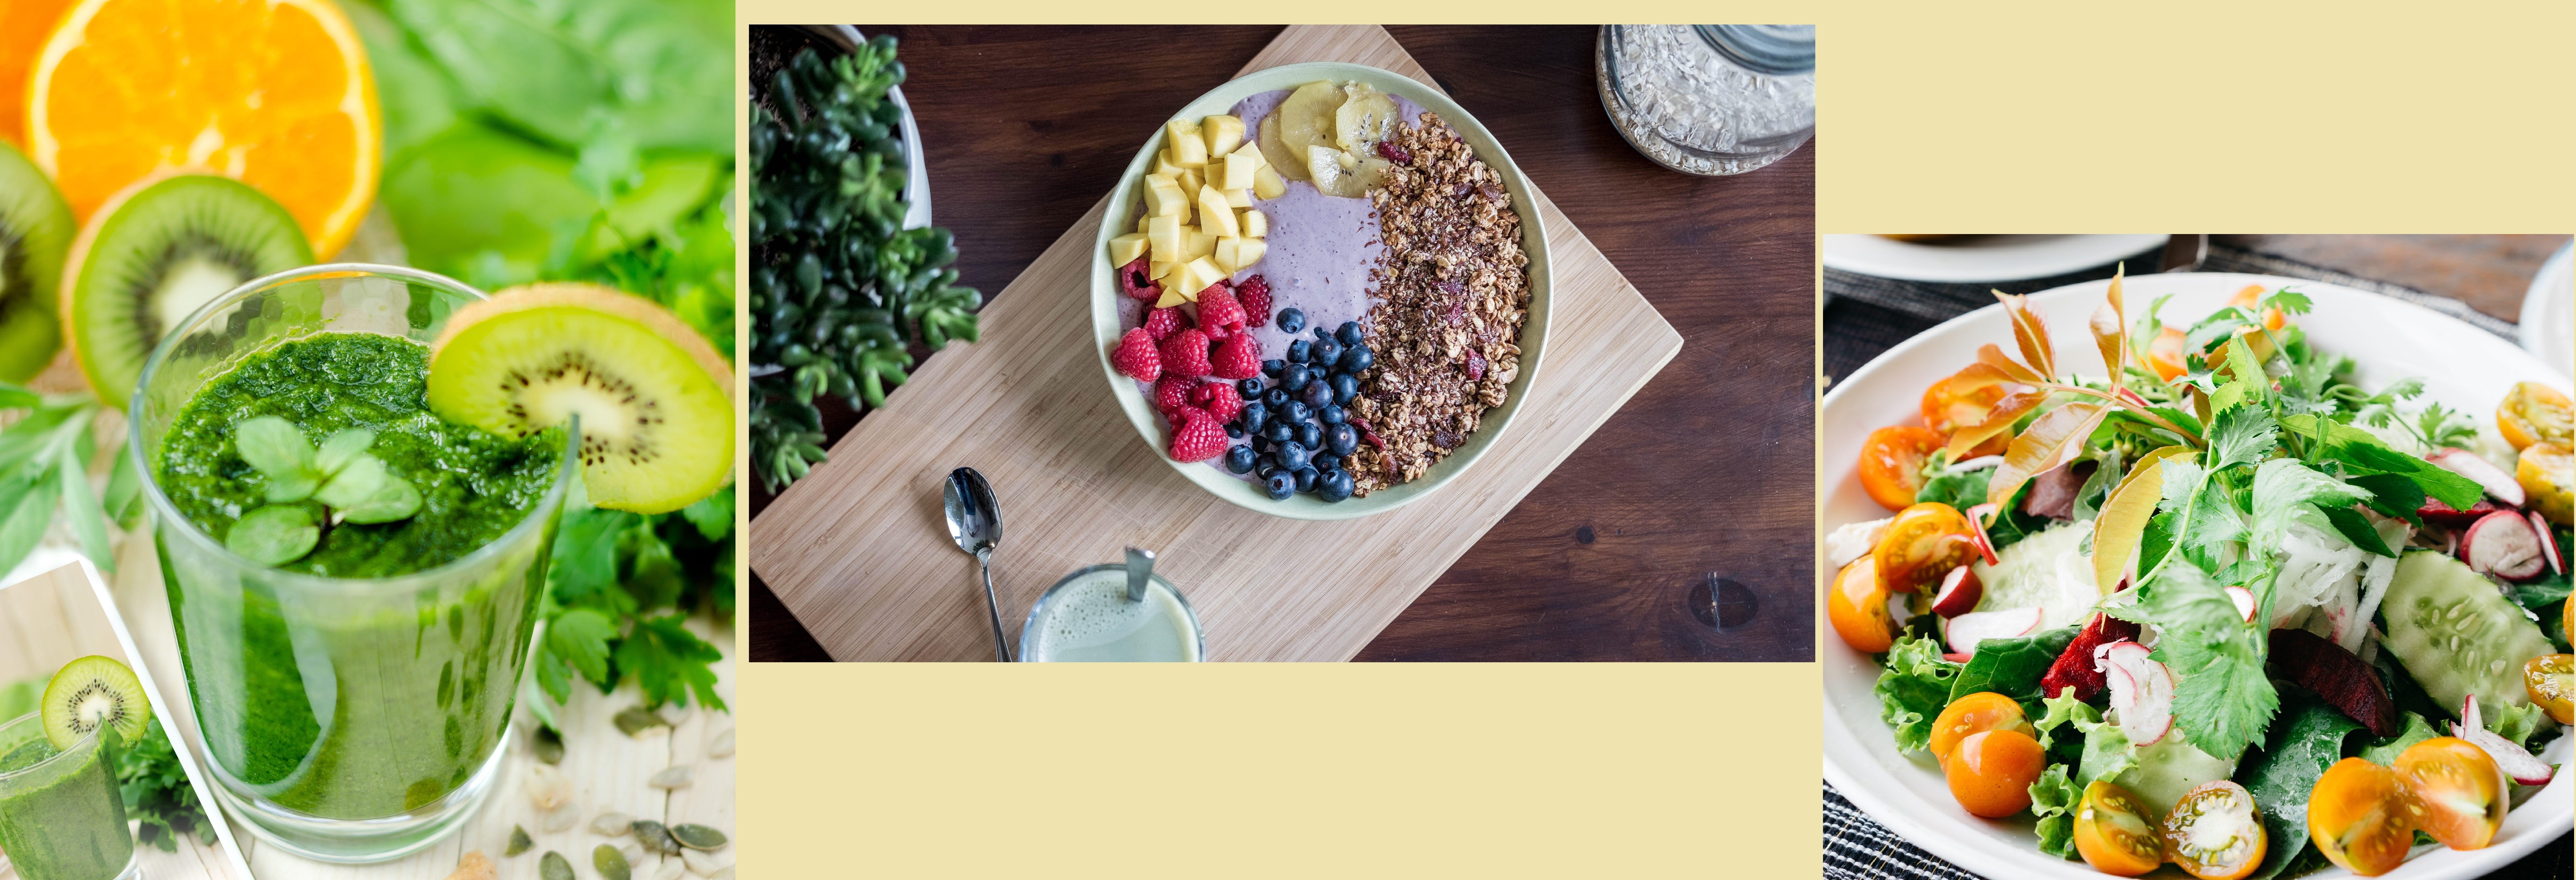 Ganzheitliche Ernährungsberatung online und in Bremen